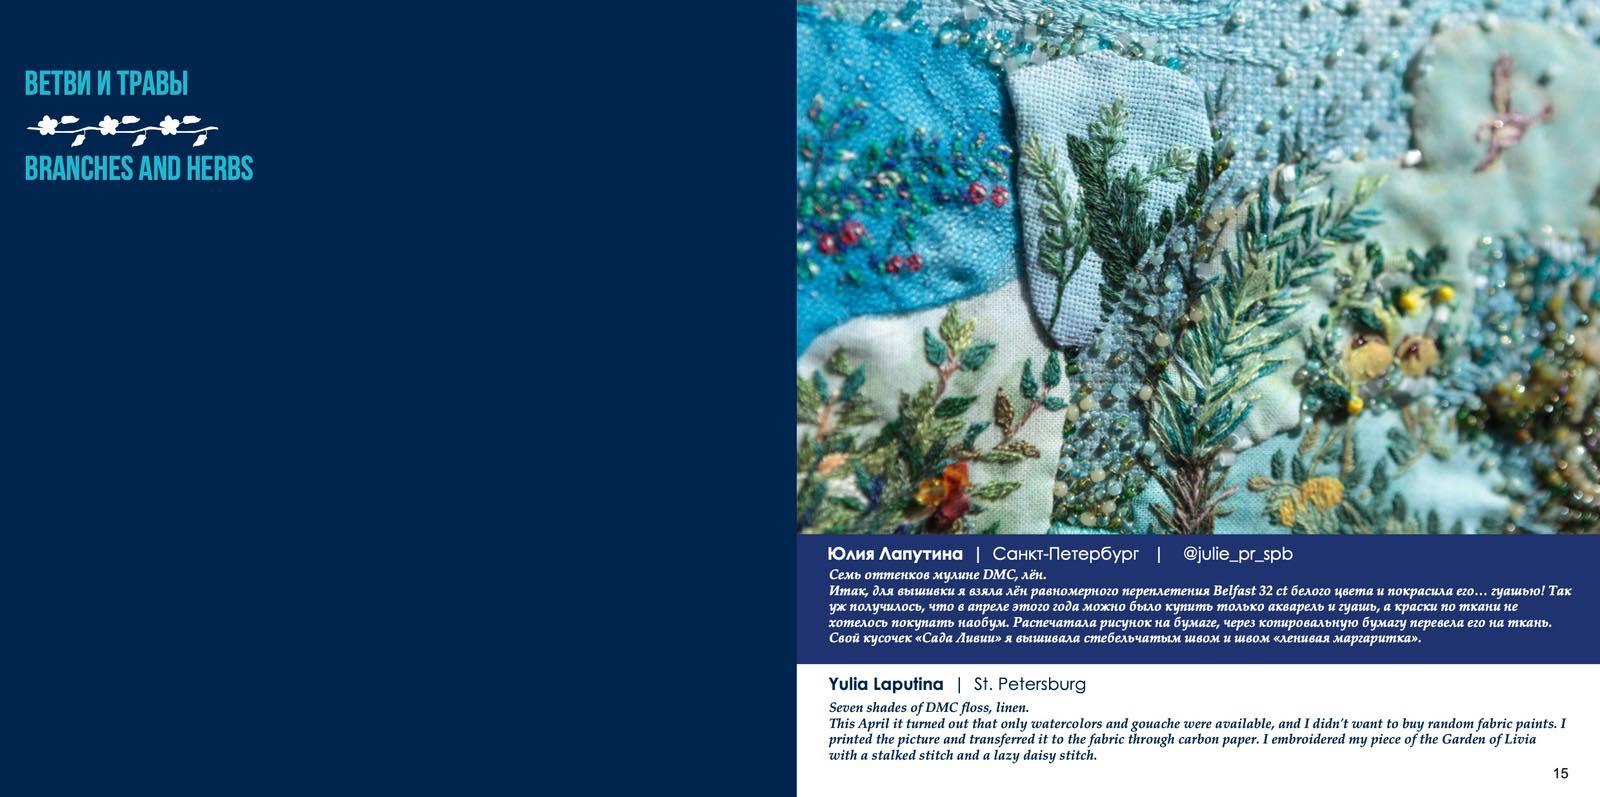 Каталог Сад Ливии, вышивка, Екатерина Мороз, выставка